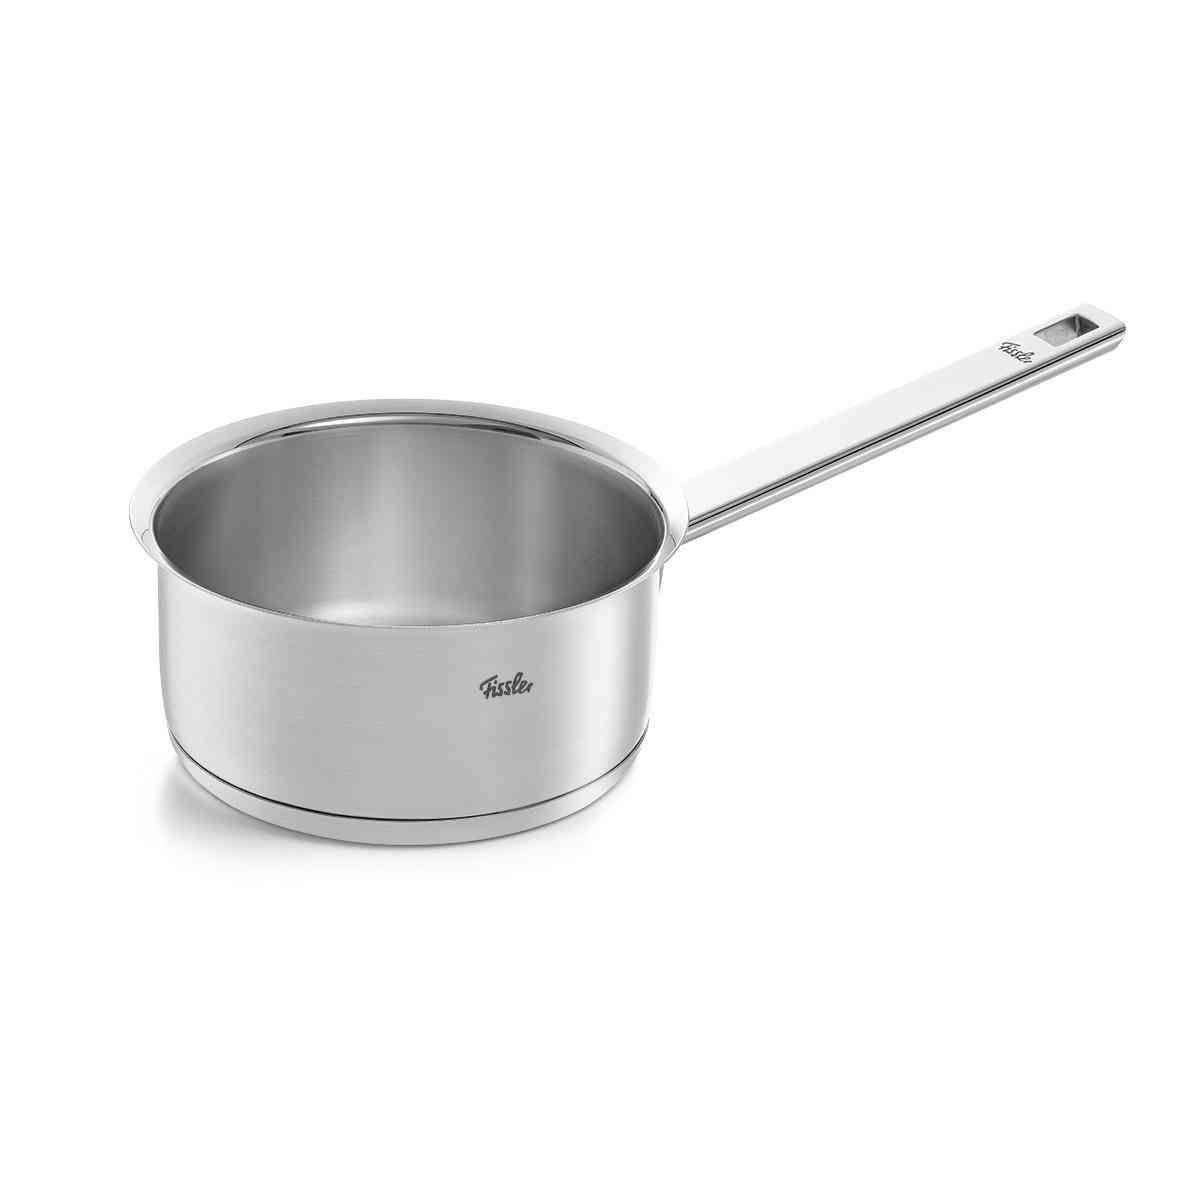 pure-profi collection Saucepan without Lid, 1.5 Quart